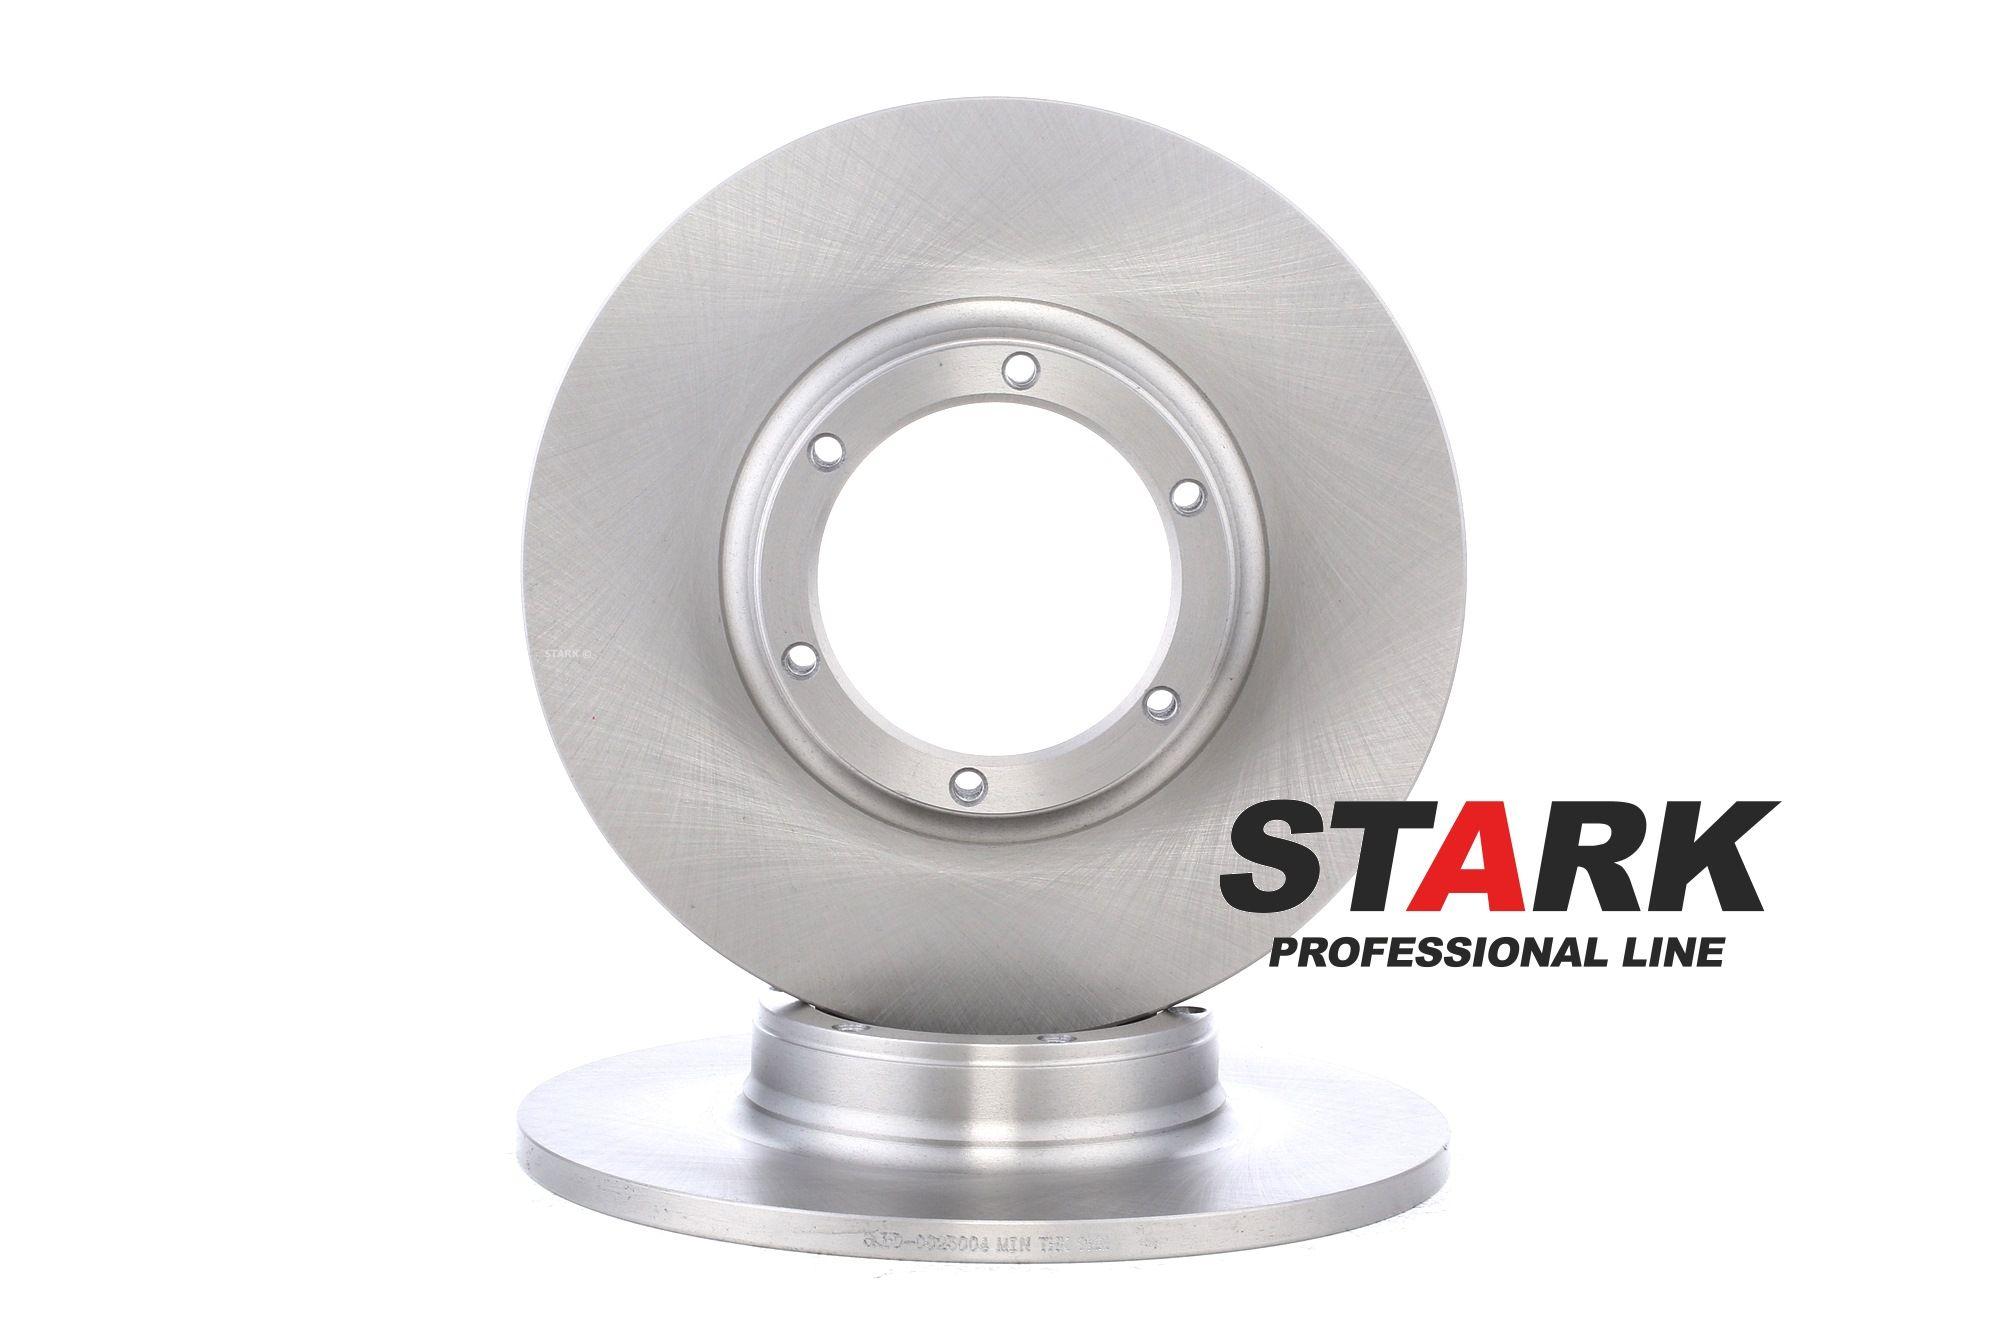 Schijfremmen SKBD-0023004 met een uitzonderlijke STARK prijs-prestatieverhouding